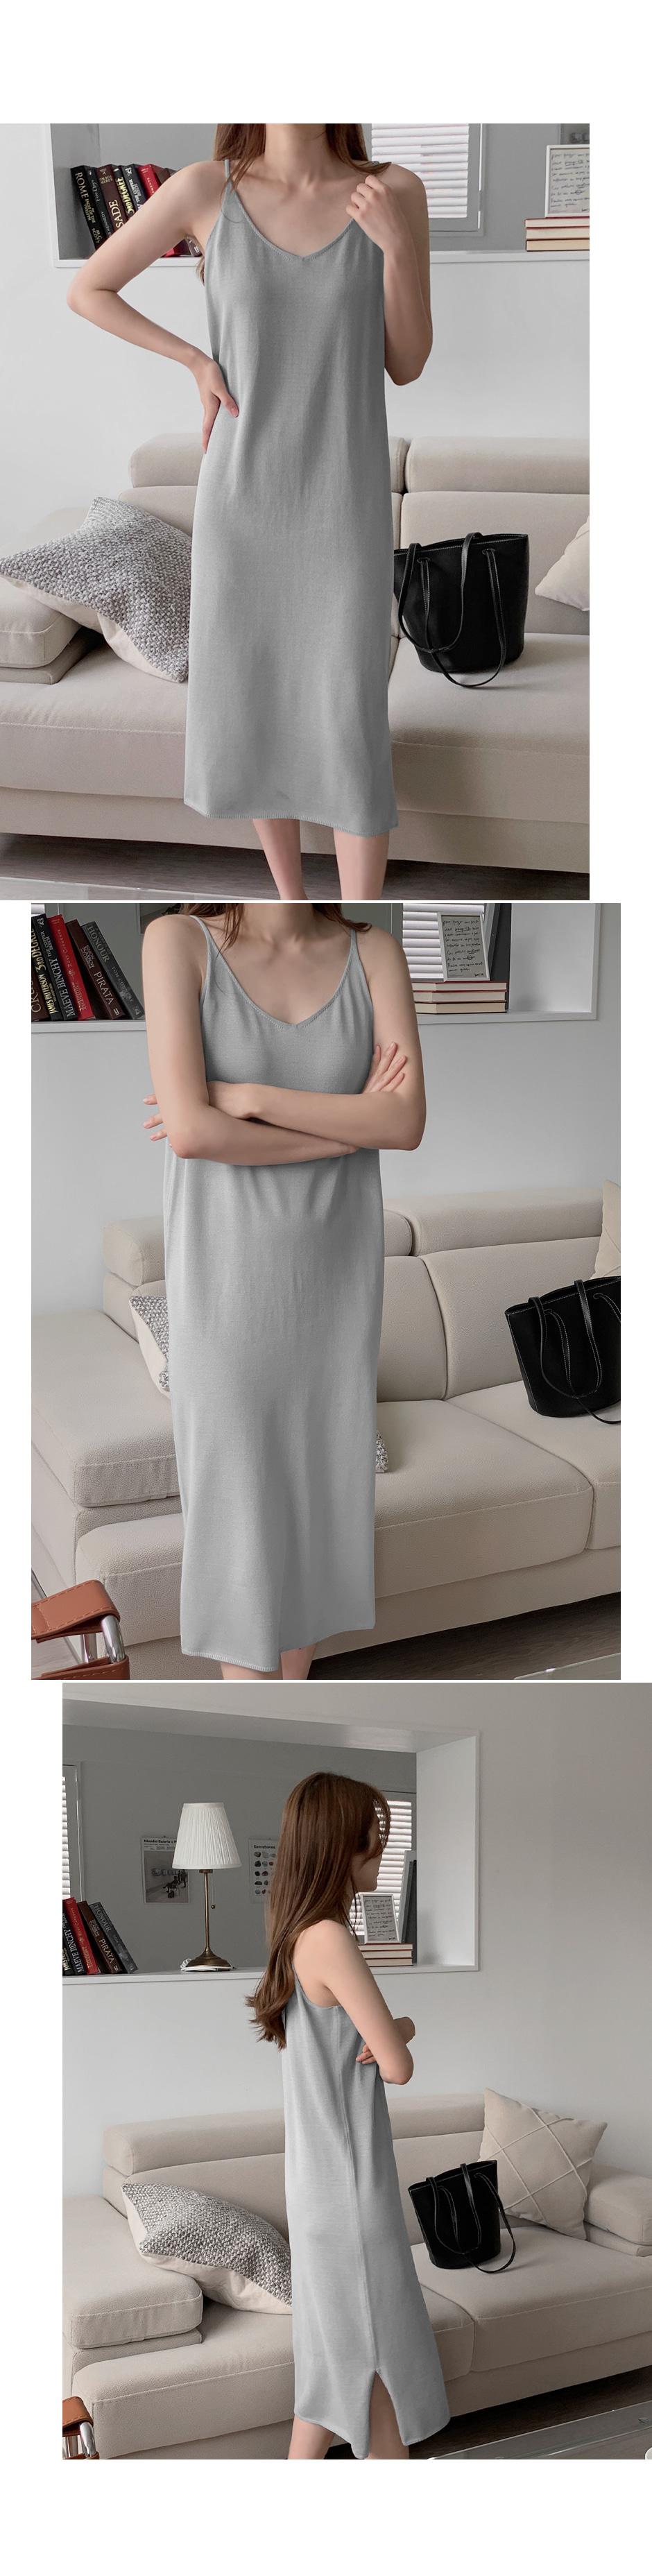 Moan Bustier Knitwear Dress - 4 color